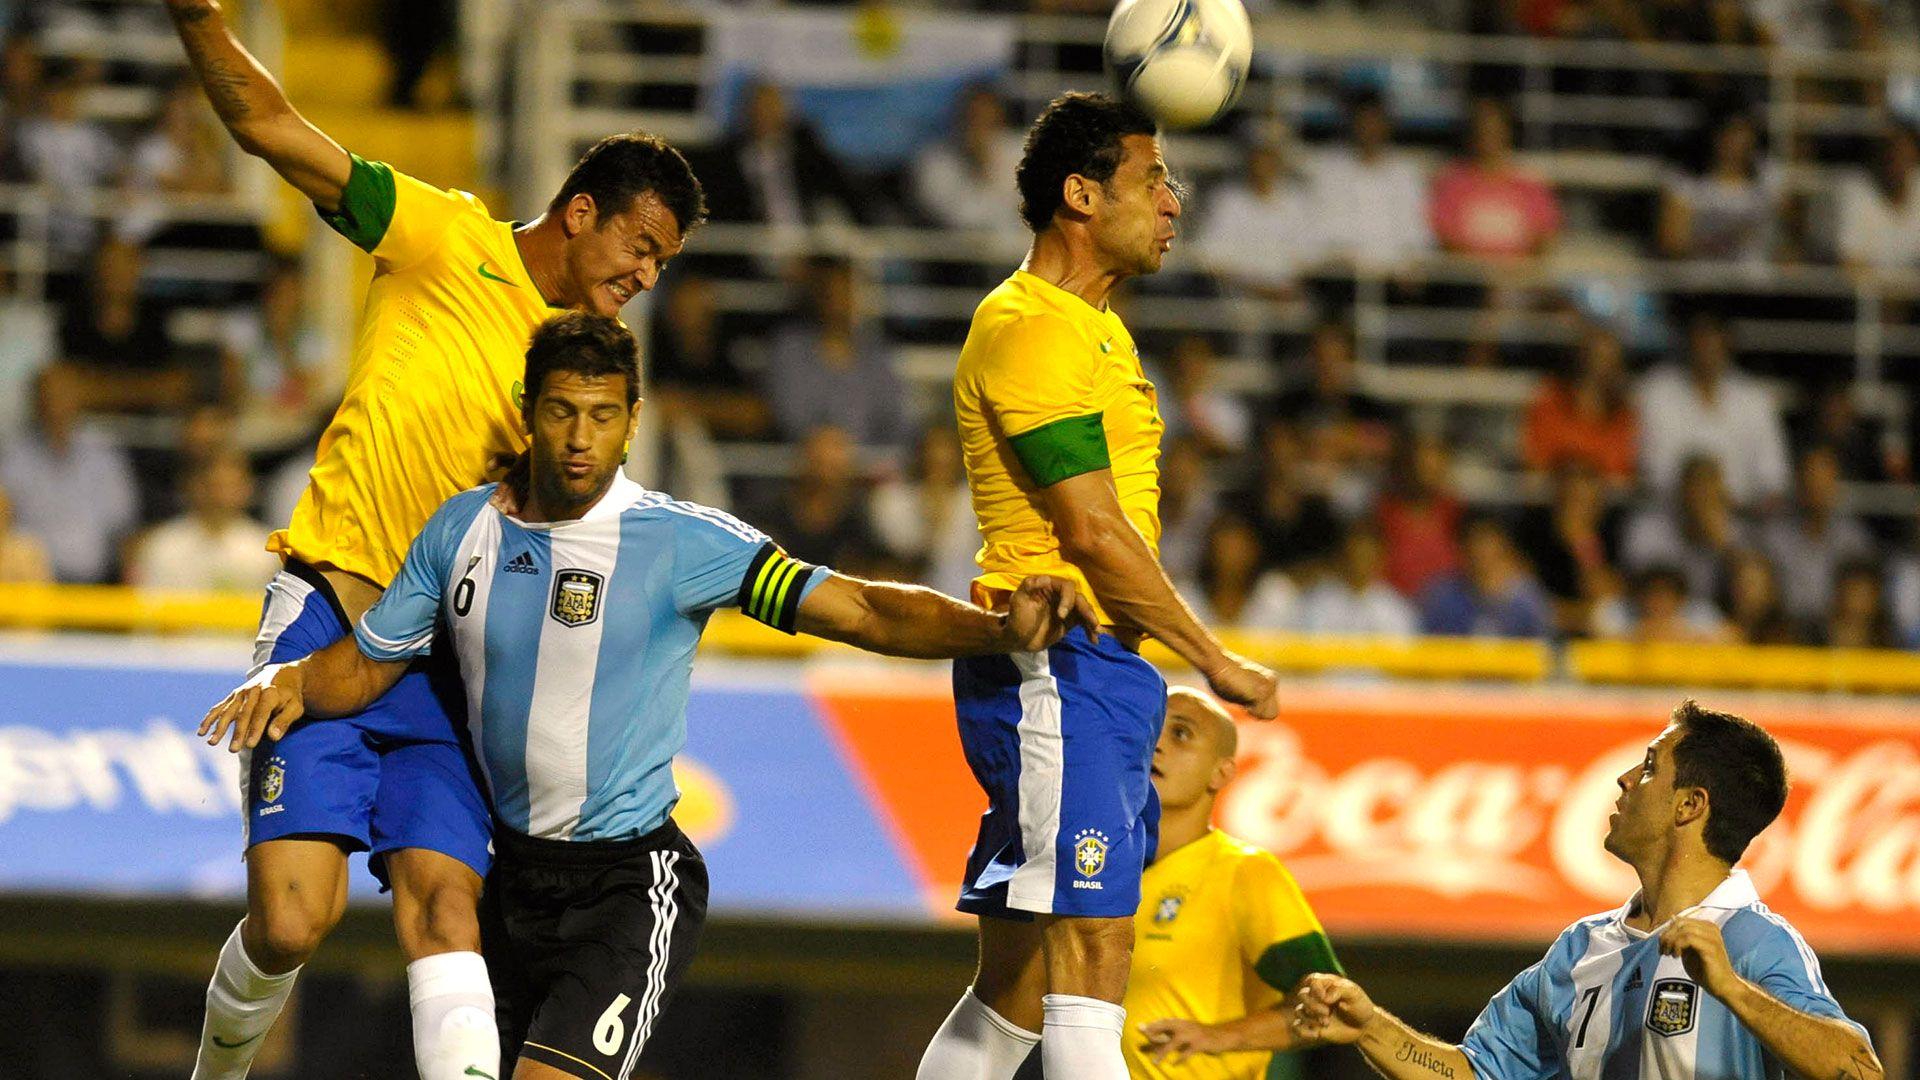 Sebastian-Dominguez-Argentina-vs-Brasil-2012